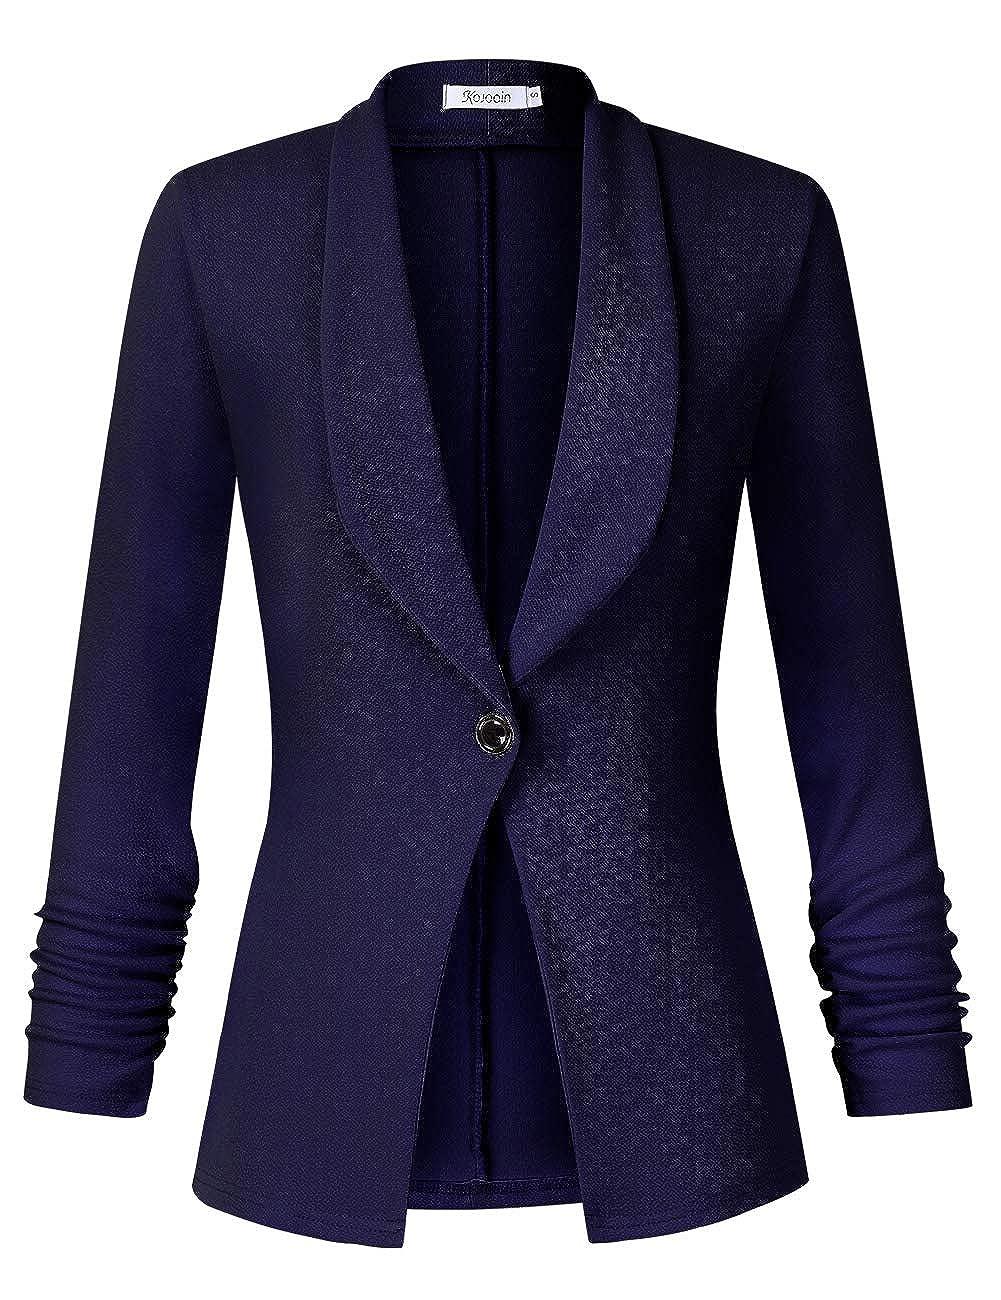 Blazer Cardigan 3//4 Braccio Bolero Business Giacca Slim Fit Trenchcoat Confezione MeHRWEG KOJOOIN